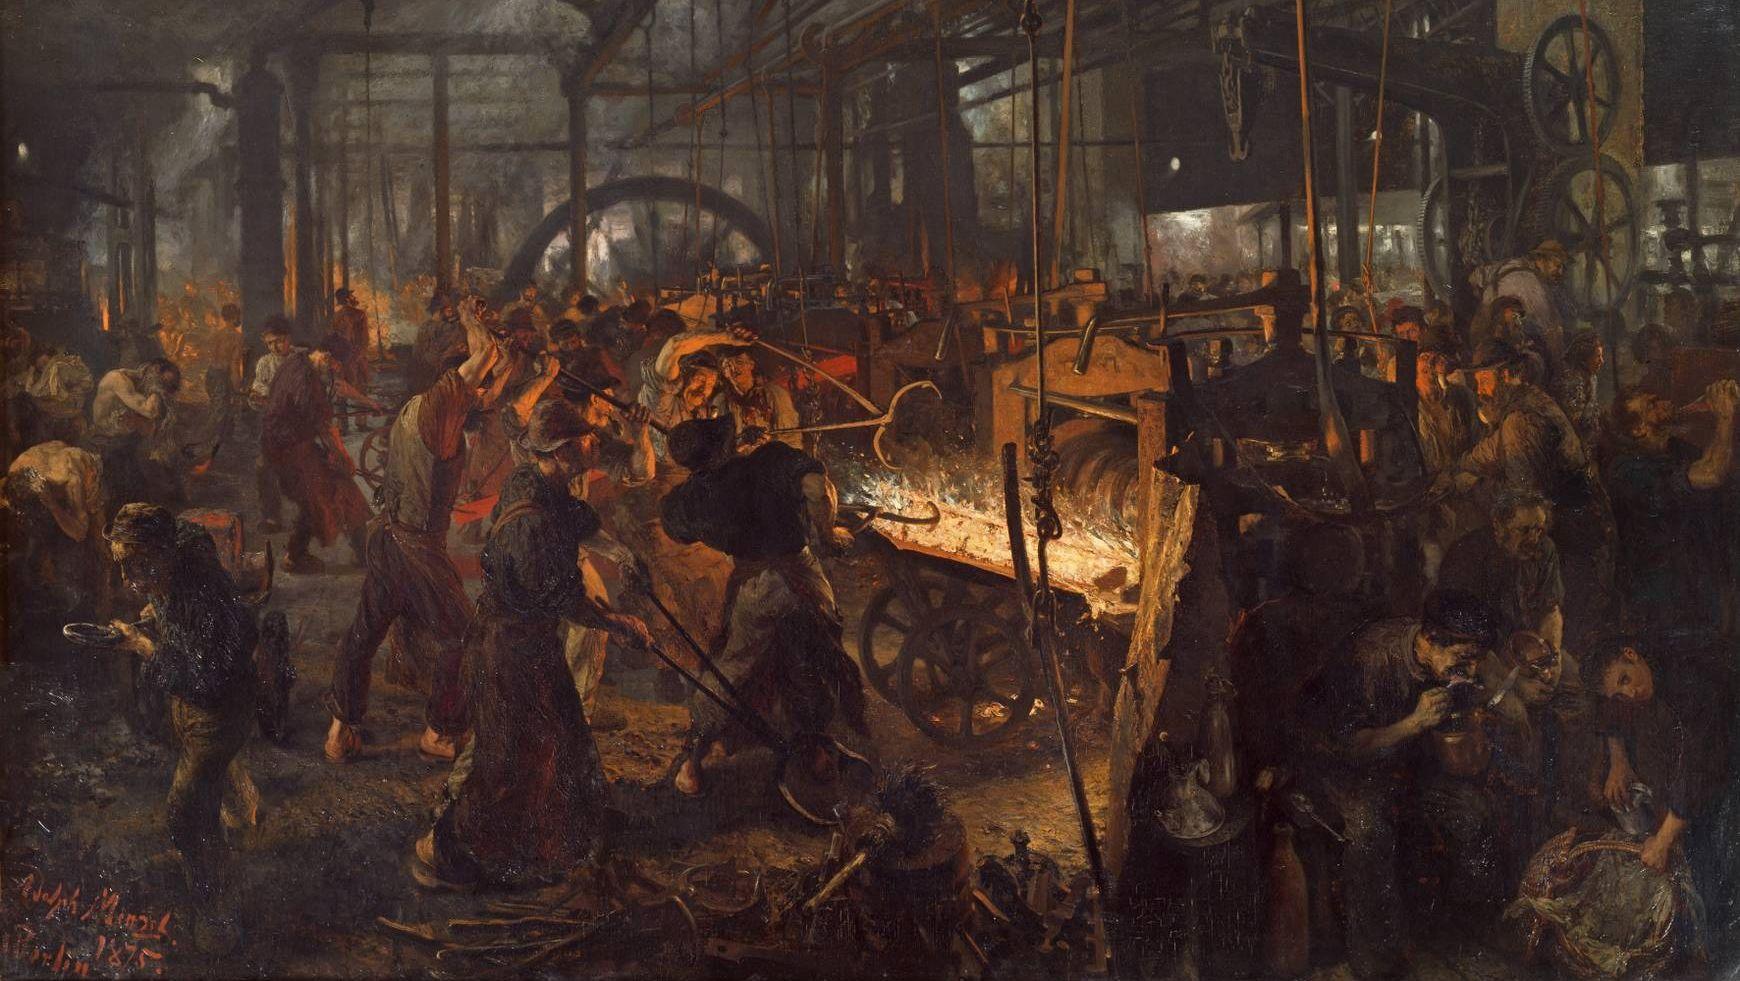 Адольф фон Менцель. Железопрокатный завод. 1875